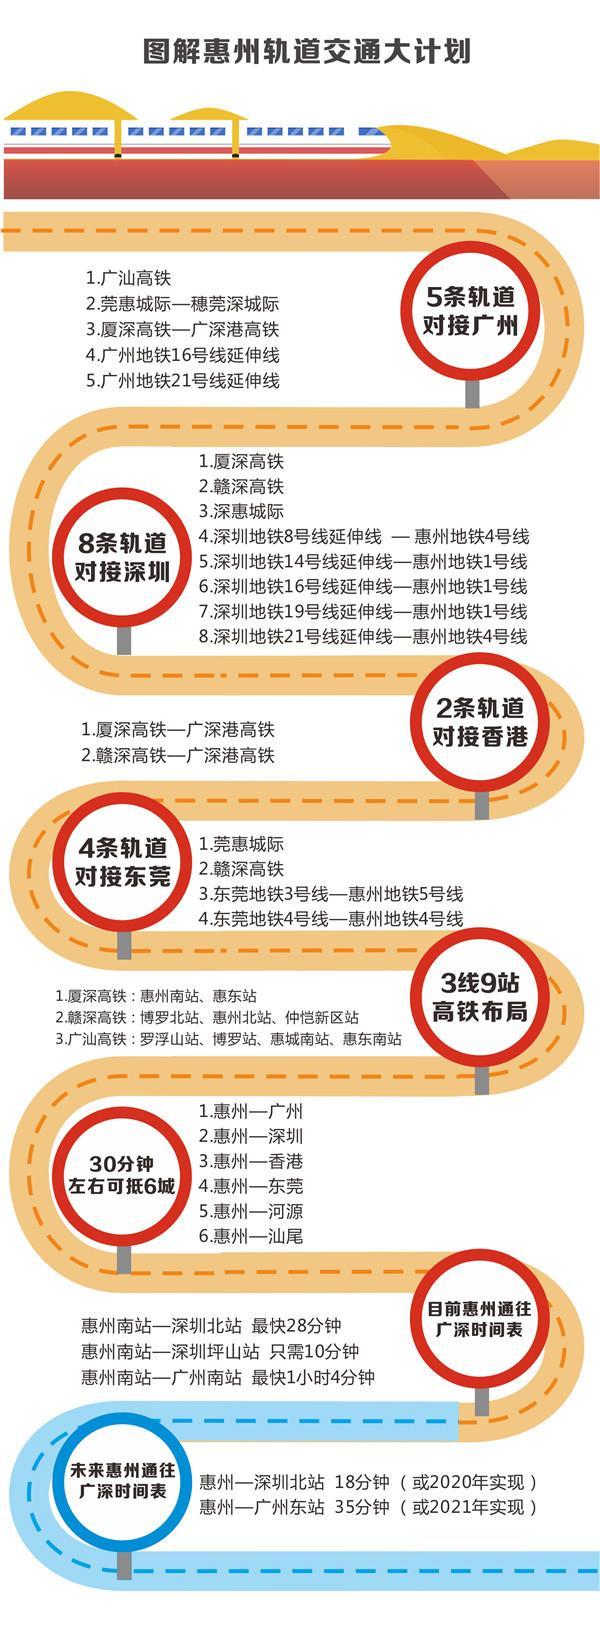 惠州将有8条轨道通深圳 有望18分钟到深圳北